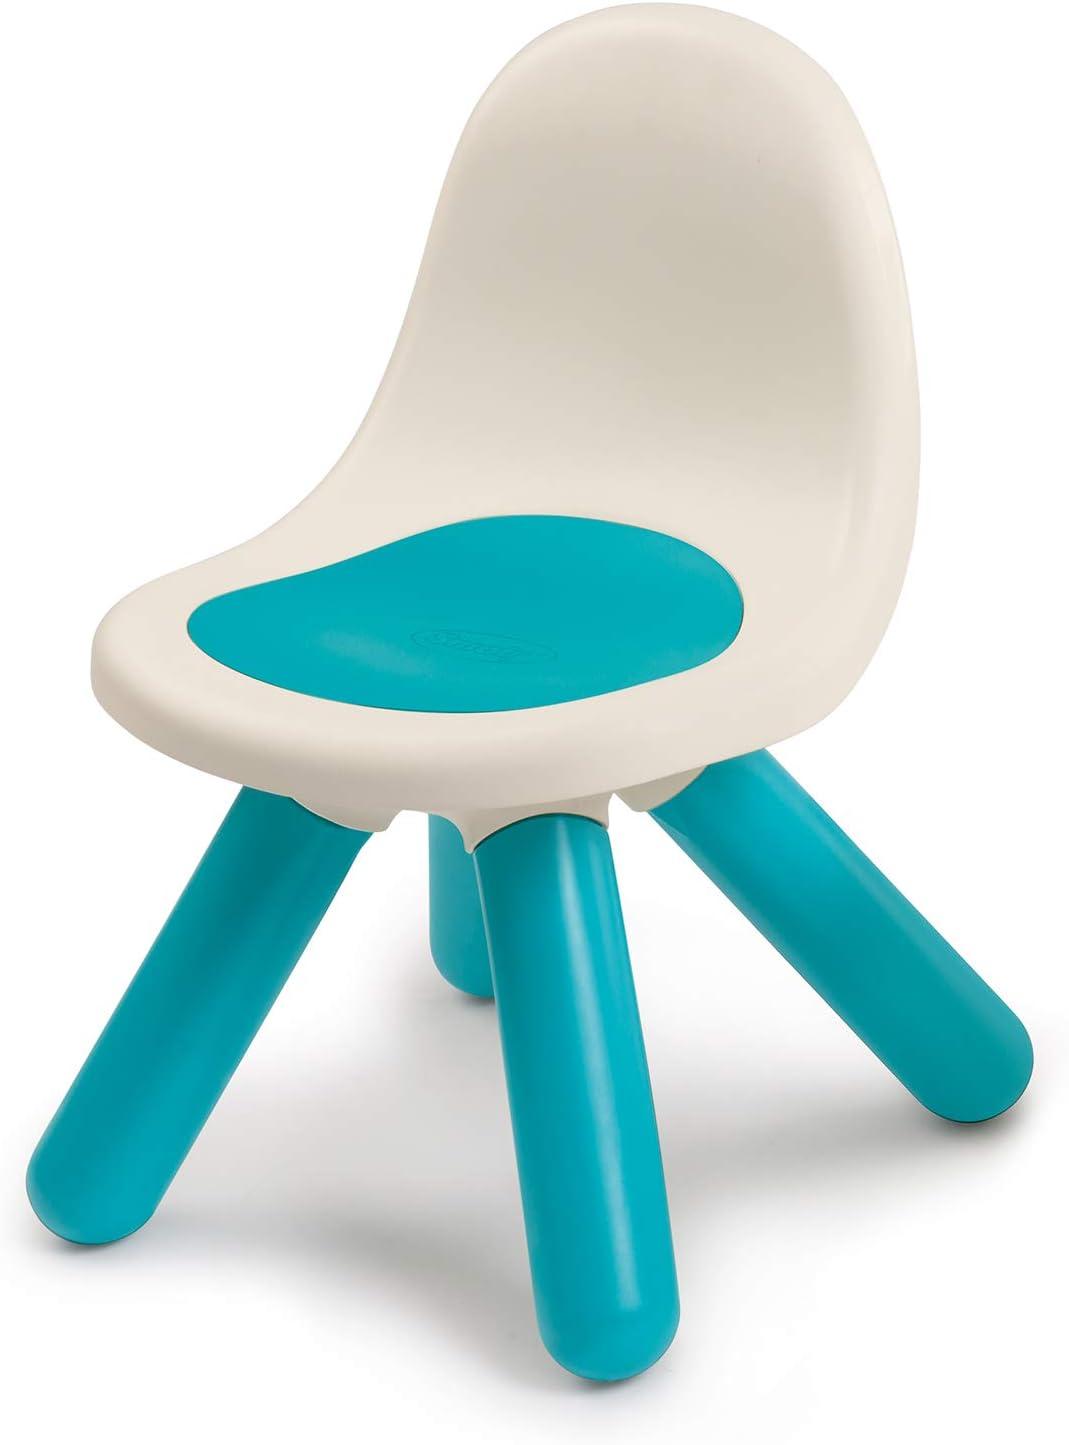 Smoby Kid - Silla infantil de plástico con respaldo para interior y exterior, color azul (880104)